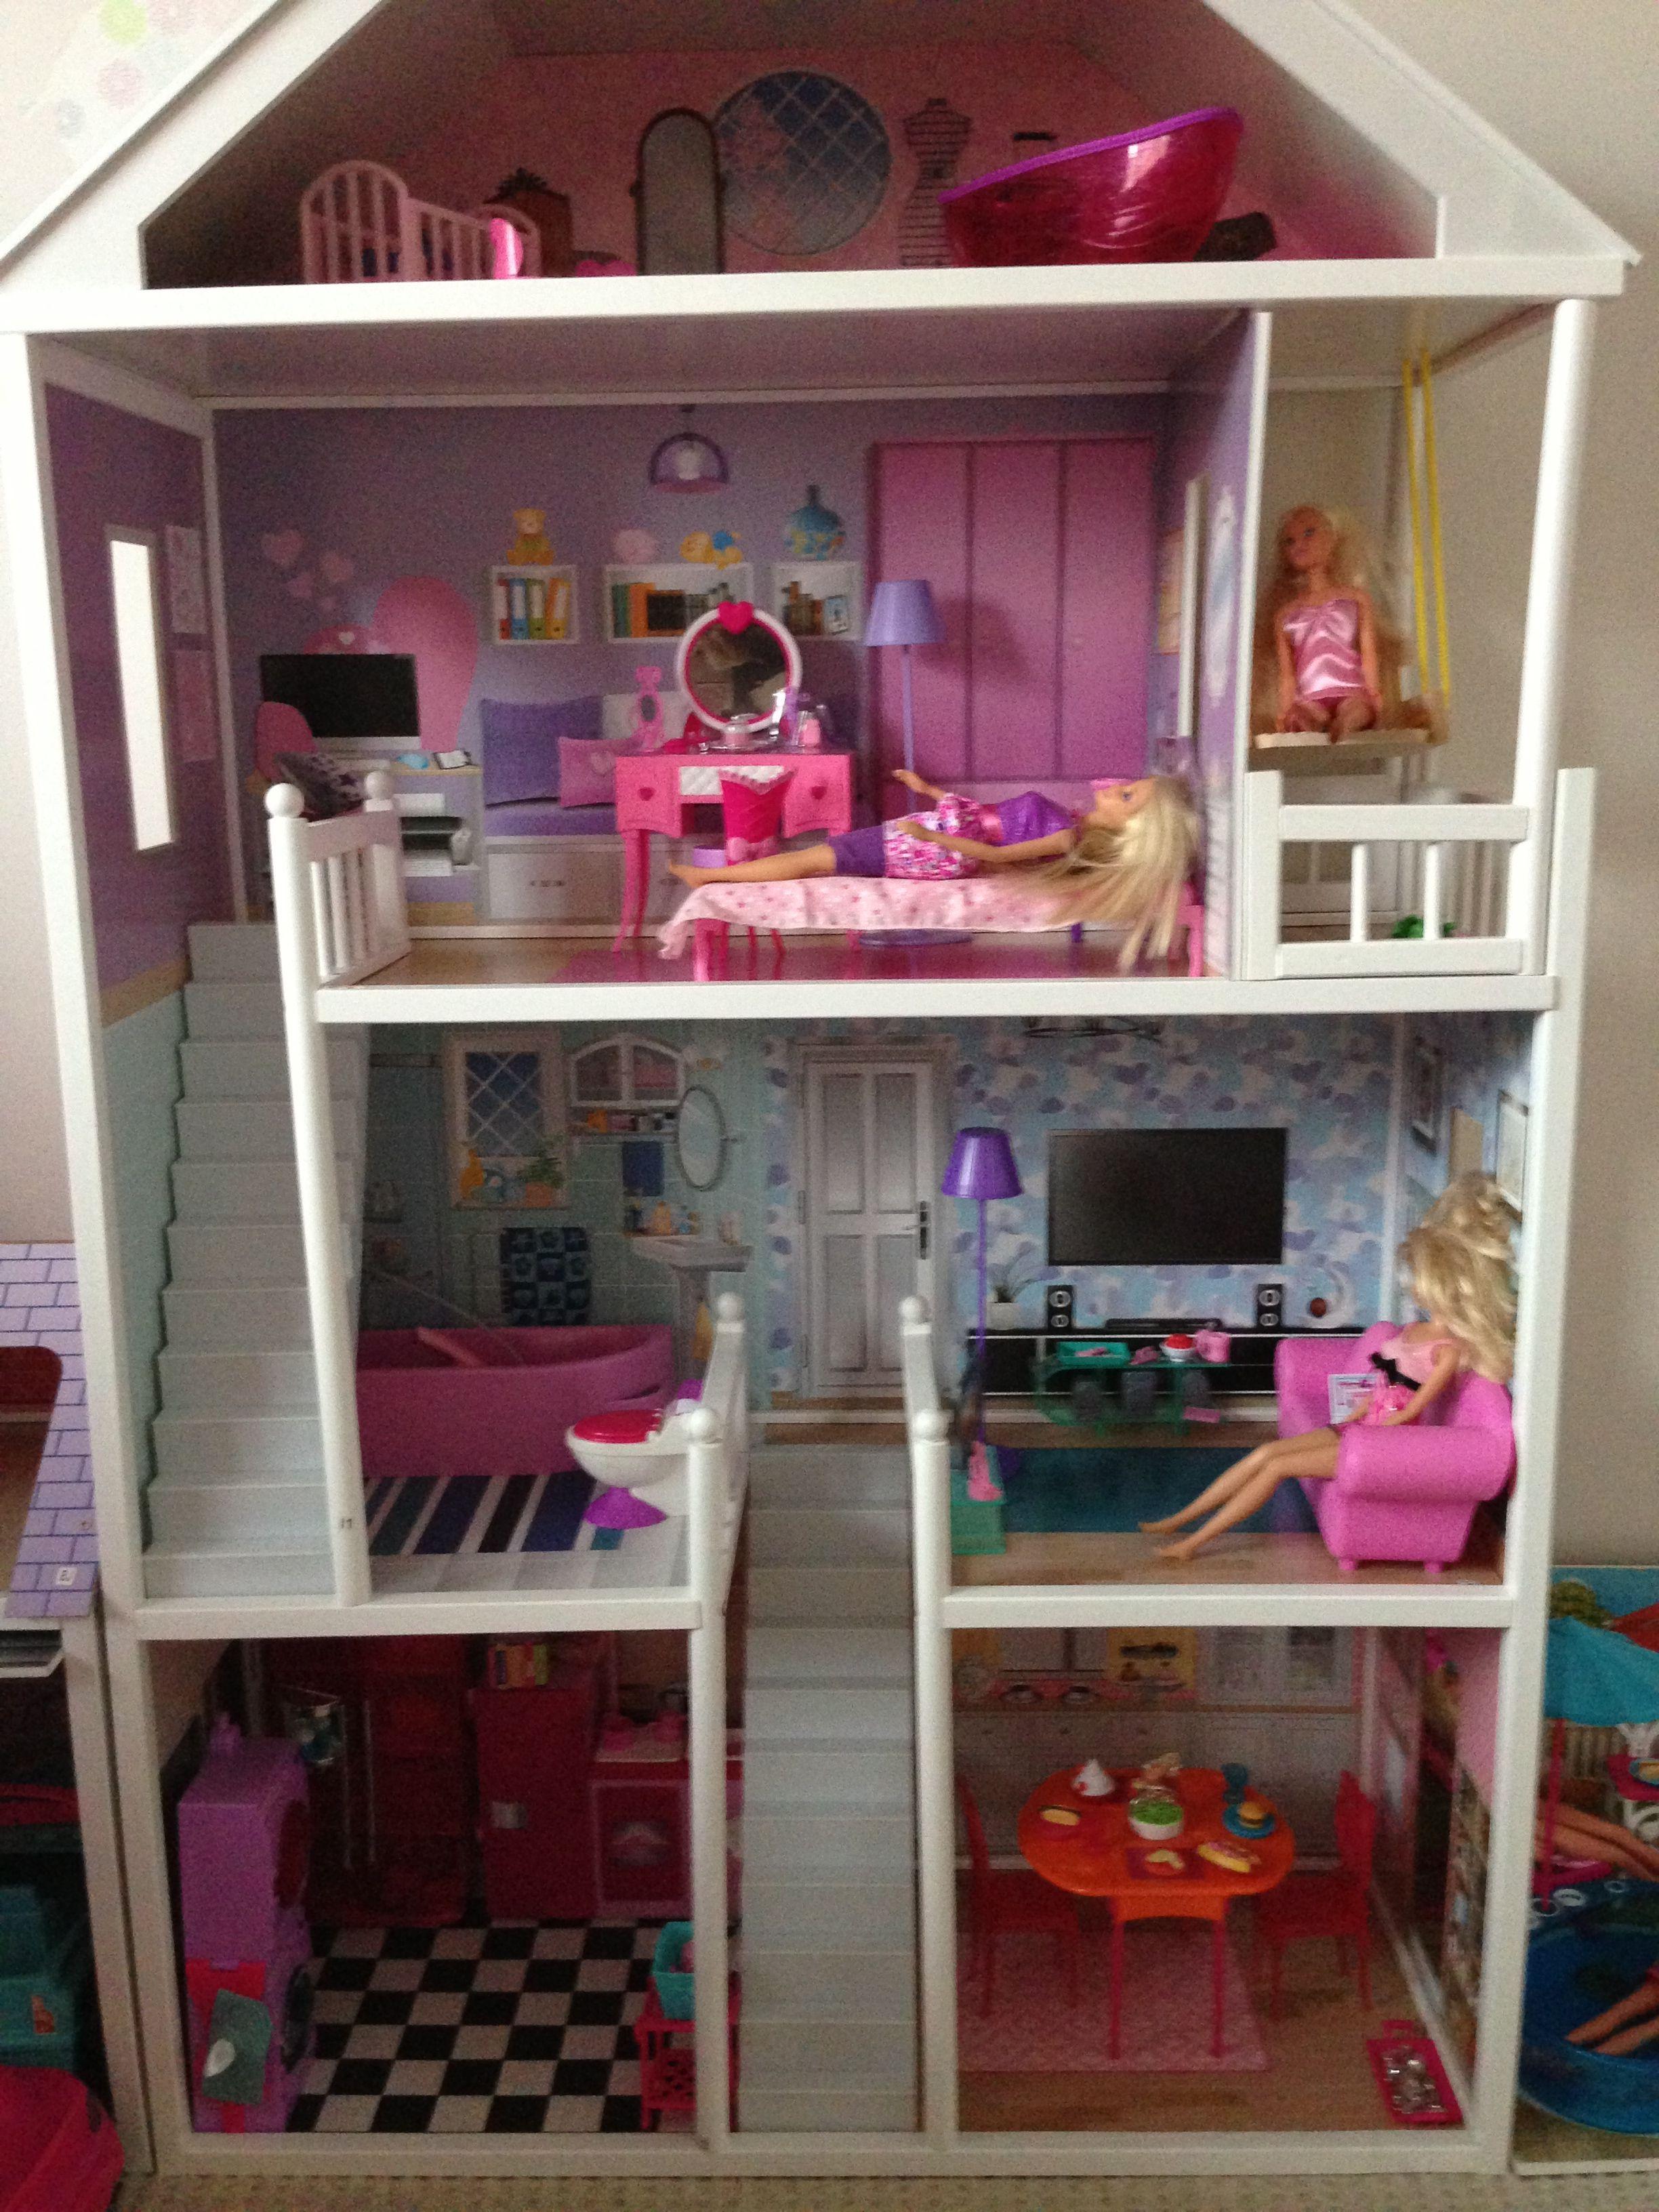 Barbie house Barbie doll house, Barbie room, Barbie house